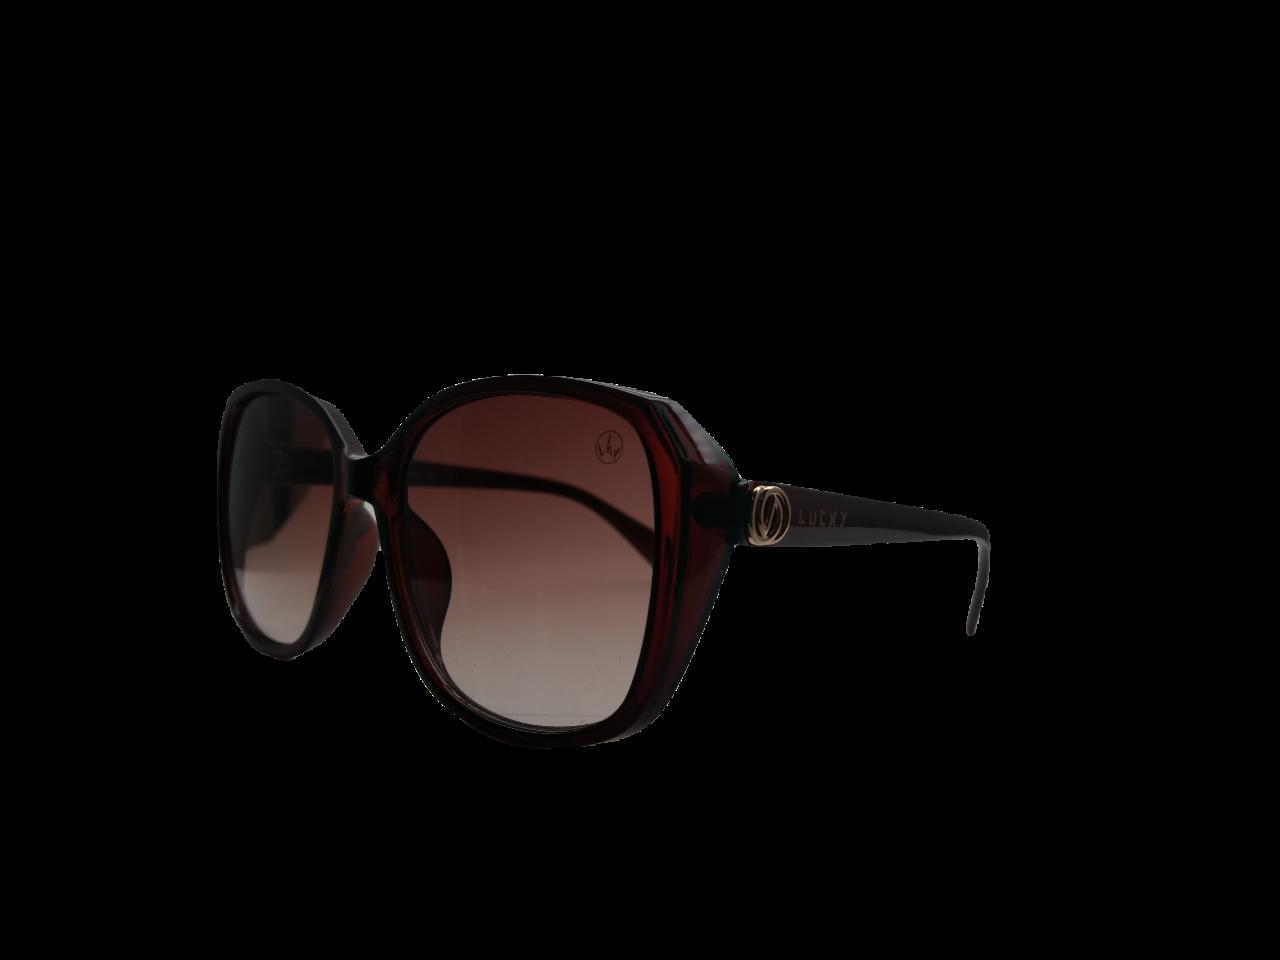 Óculos de sol Lucky013